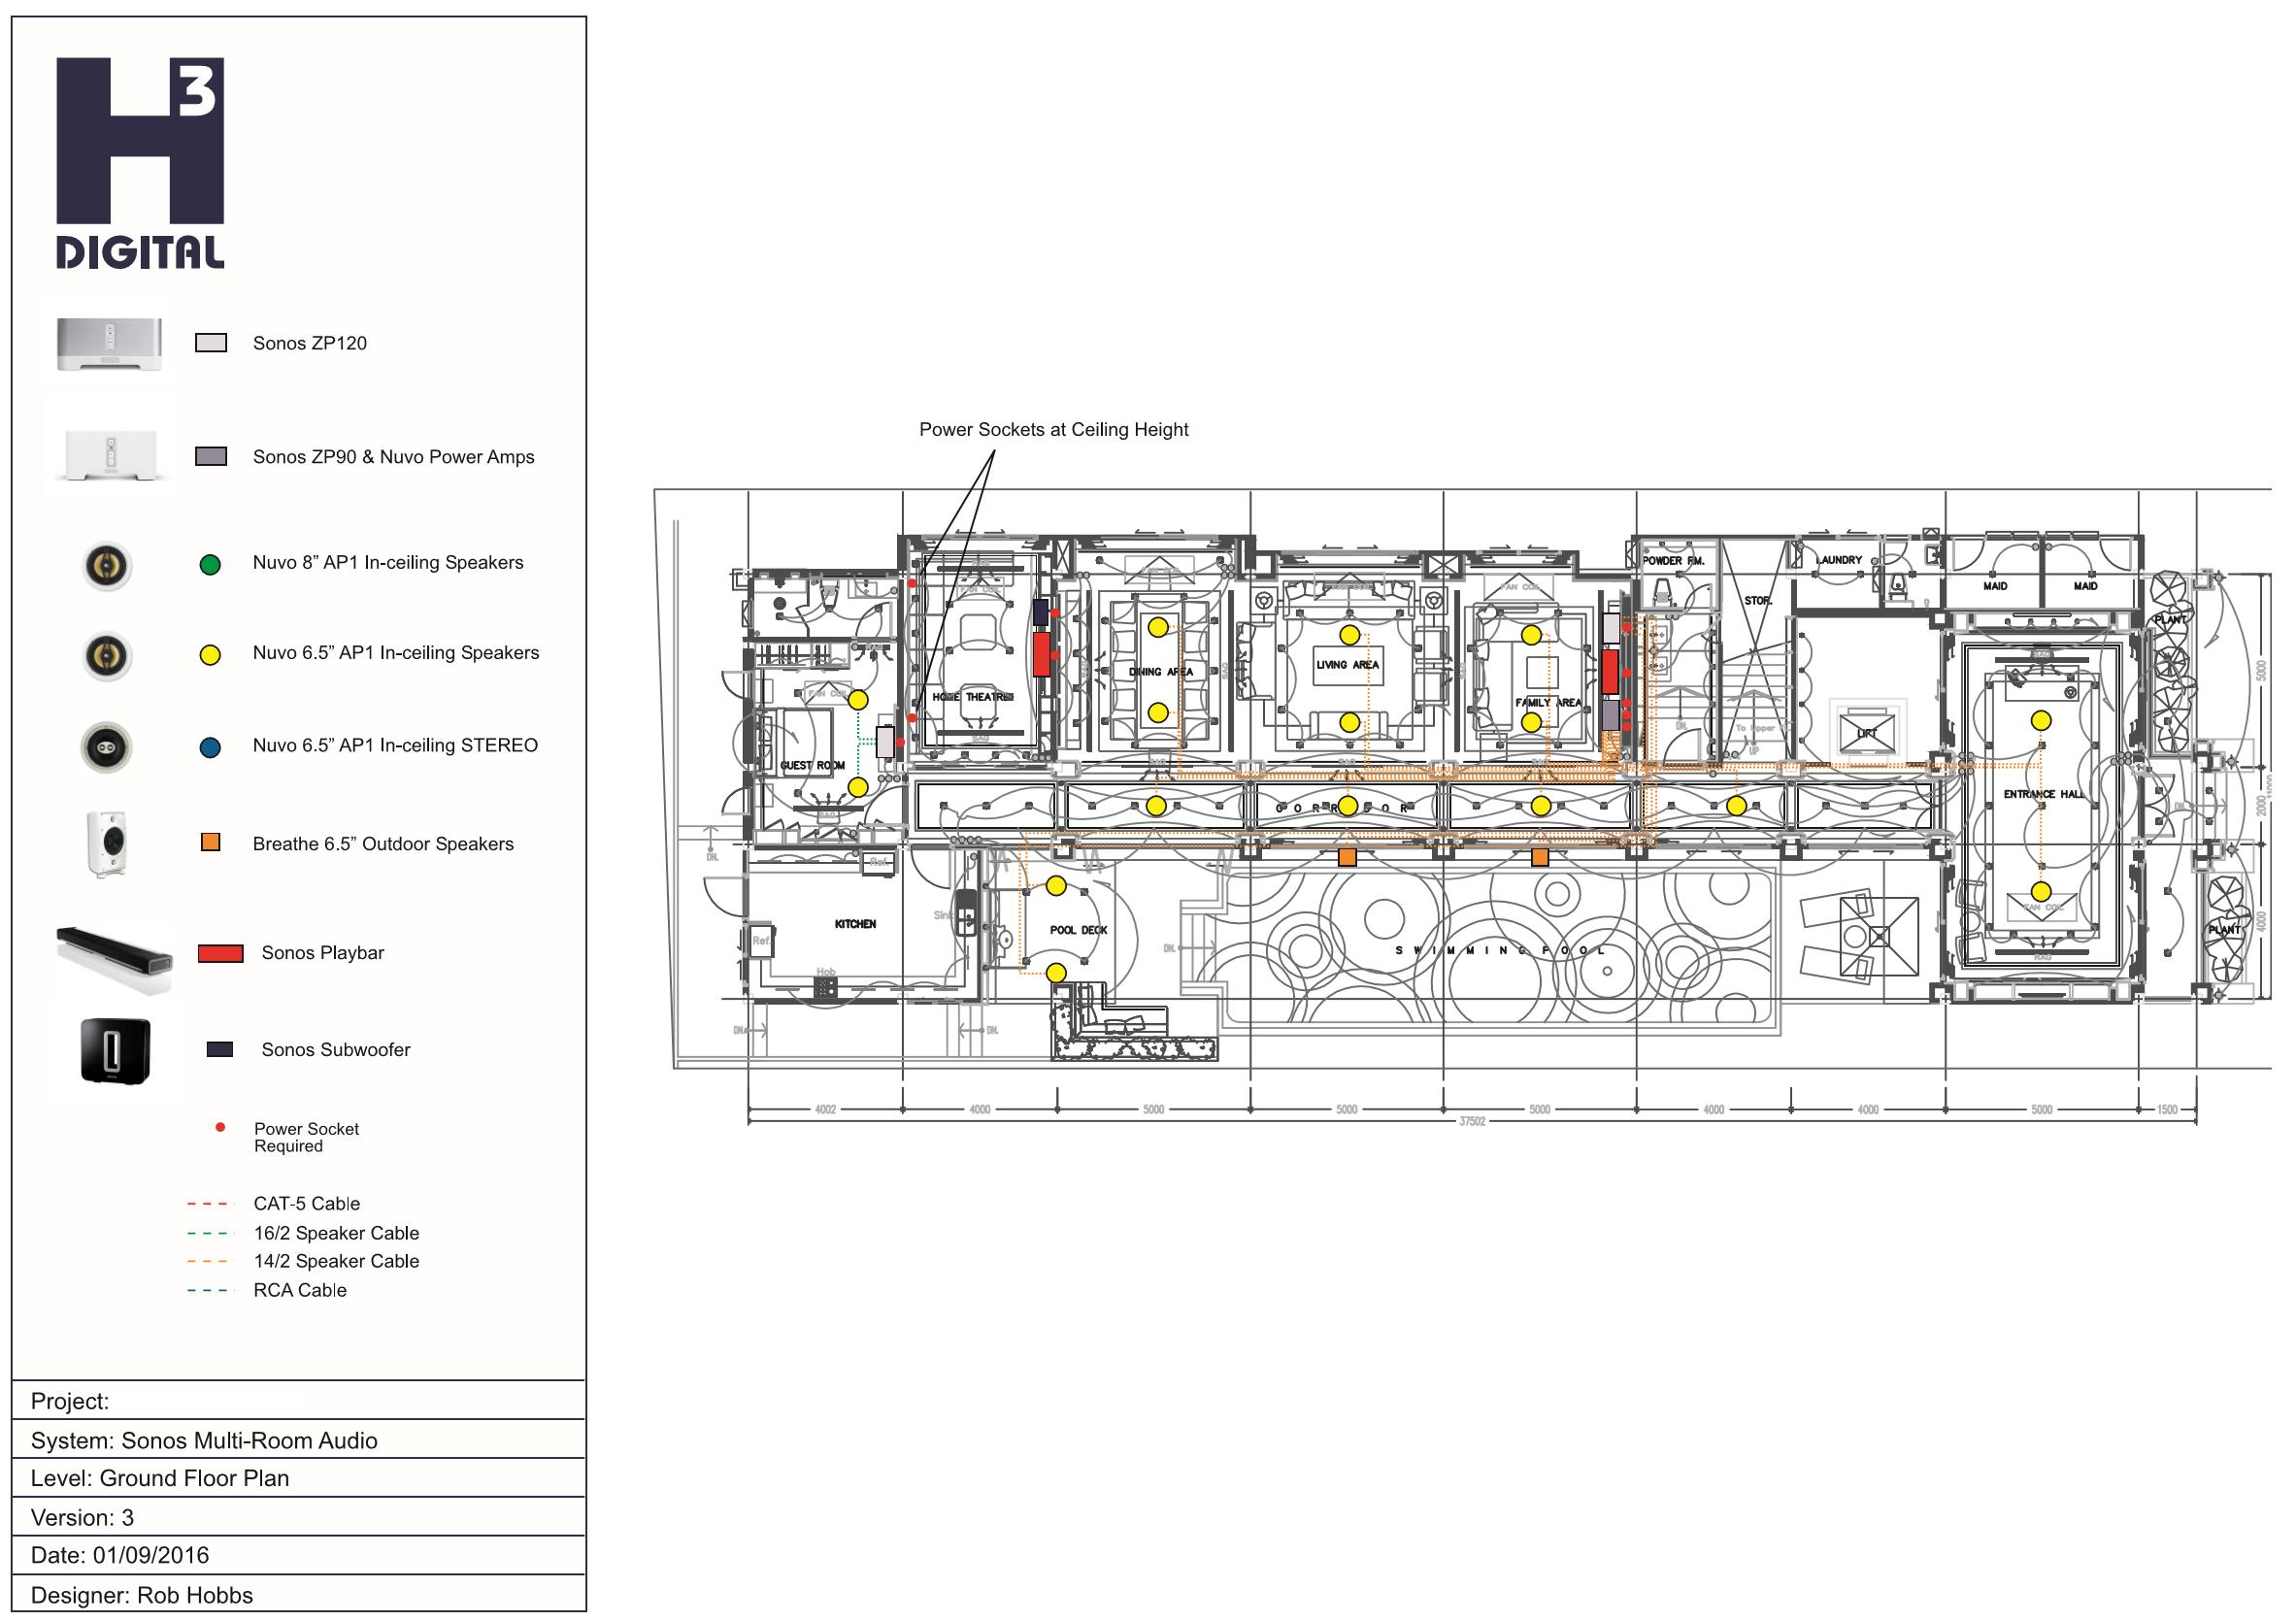 Example 1 - Sonos Conceptual Plan